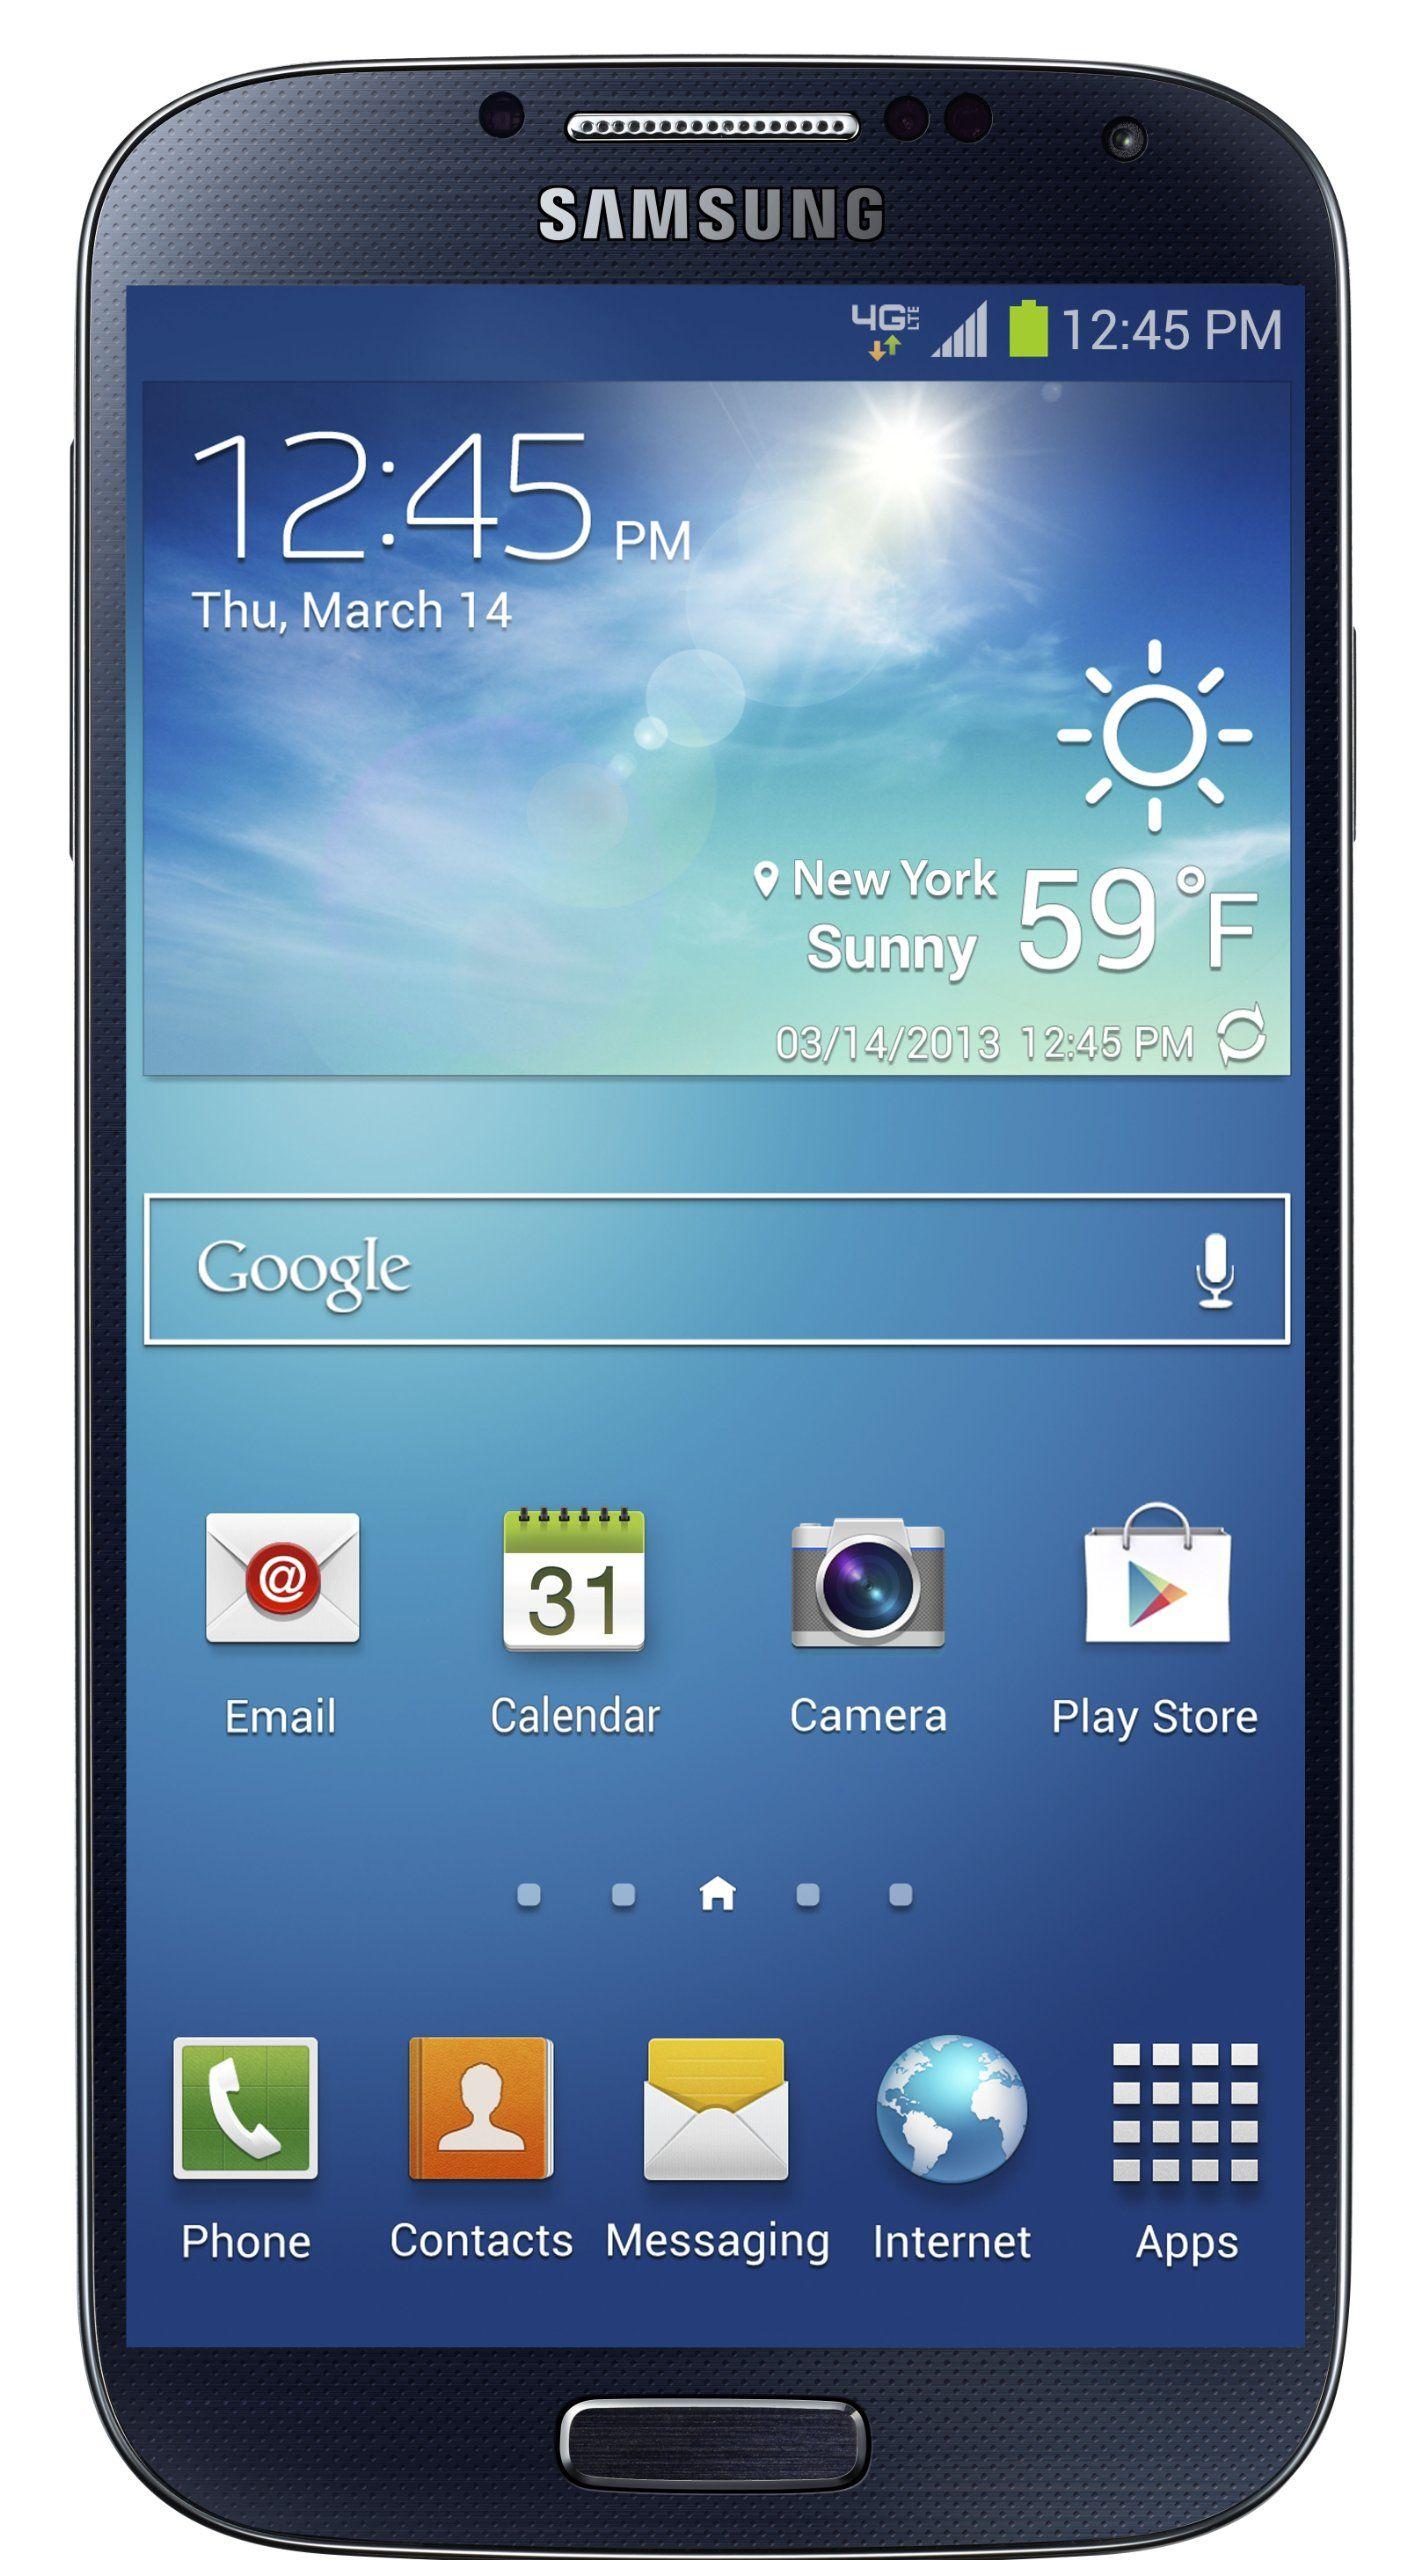 Samsung Galaxy S4 Black 16gb Verizon Wireless Samsung Galaxy S4 Mini Samsung Samsung Galaxy S4